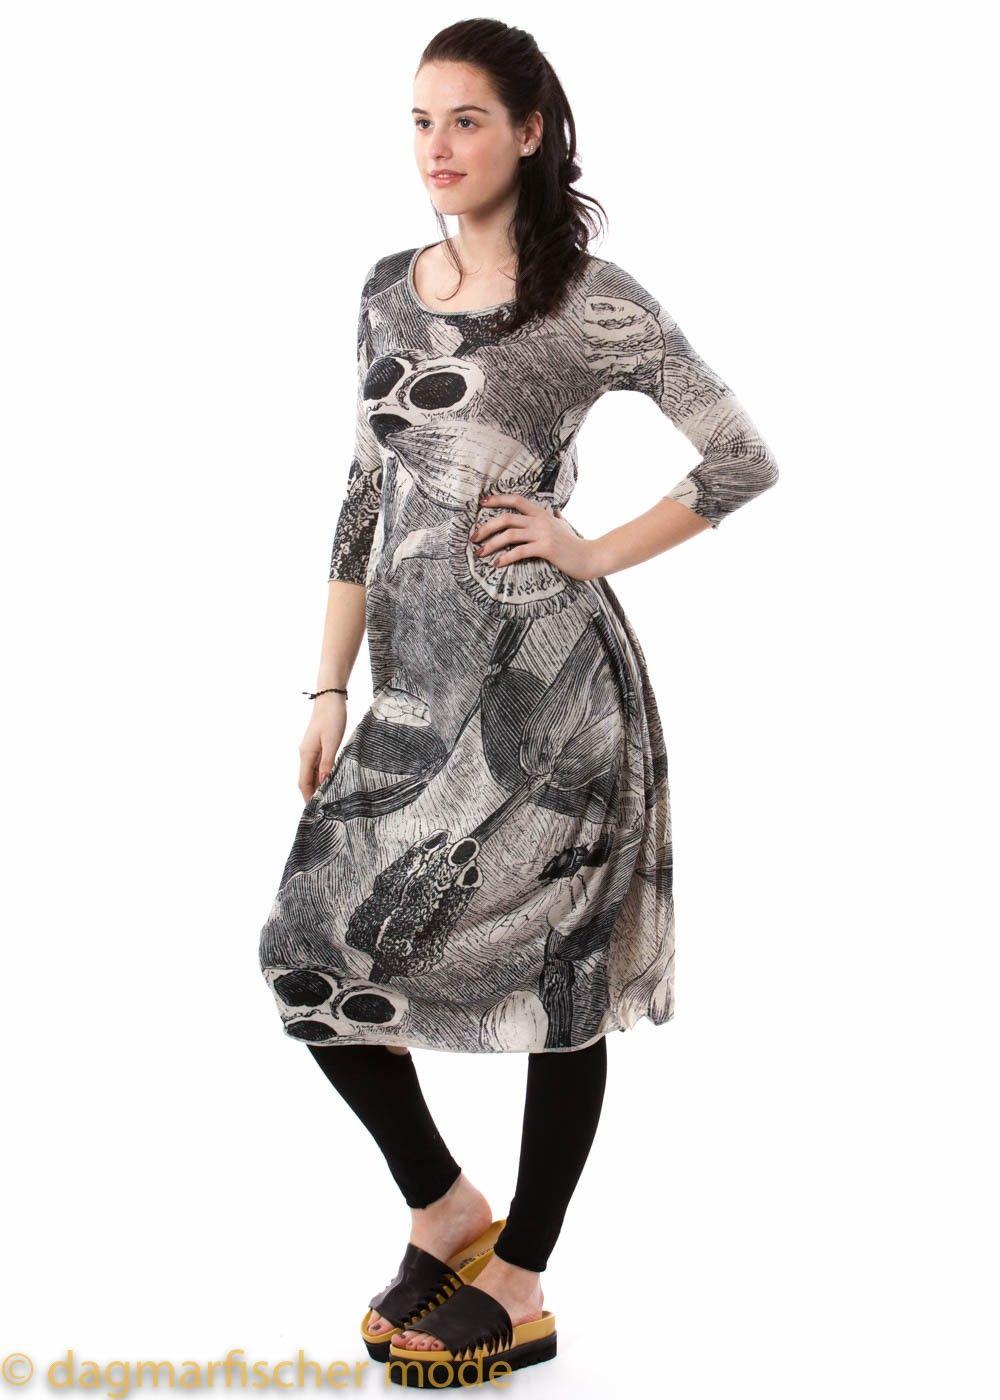 9e77a091ea6950 Dress by RUNDHOLZ BLACK LABEL - dagmarfischermode.de  dress  longsleeved   alloverprint  rundholz  blacklabel  rundholzblacklabel  designer  german   fashion ...